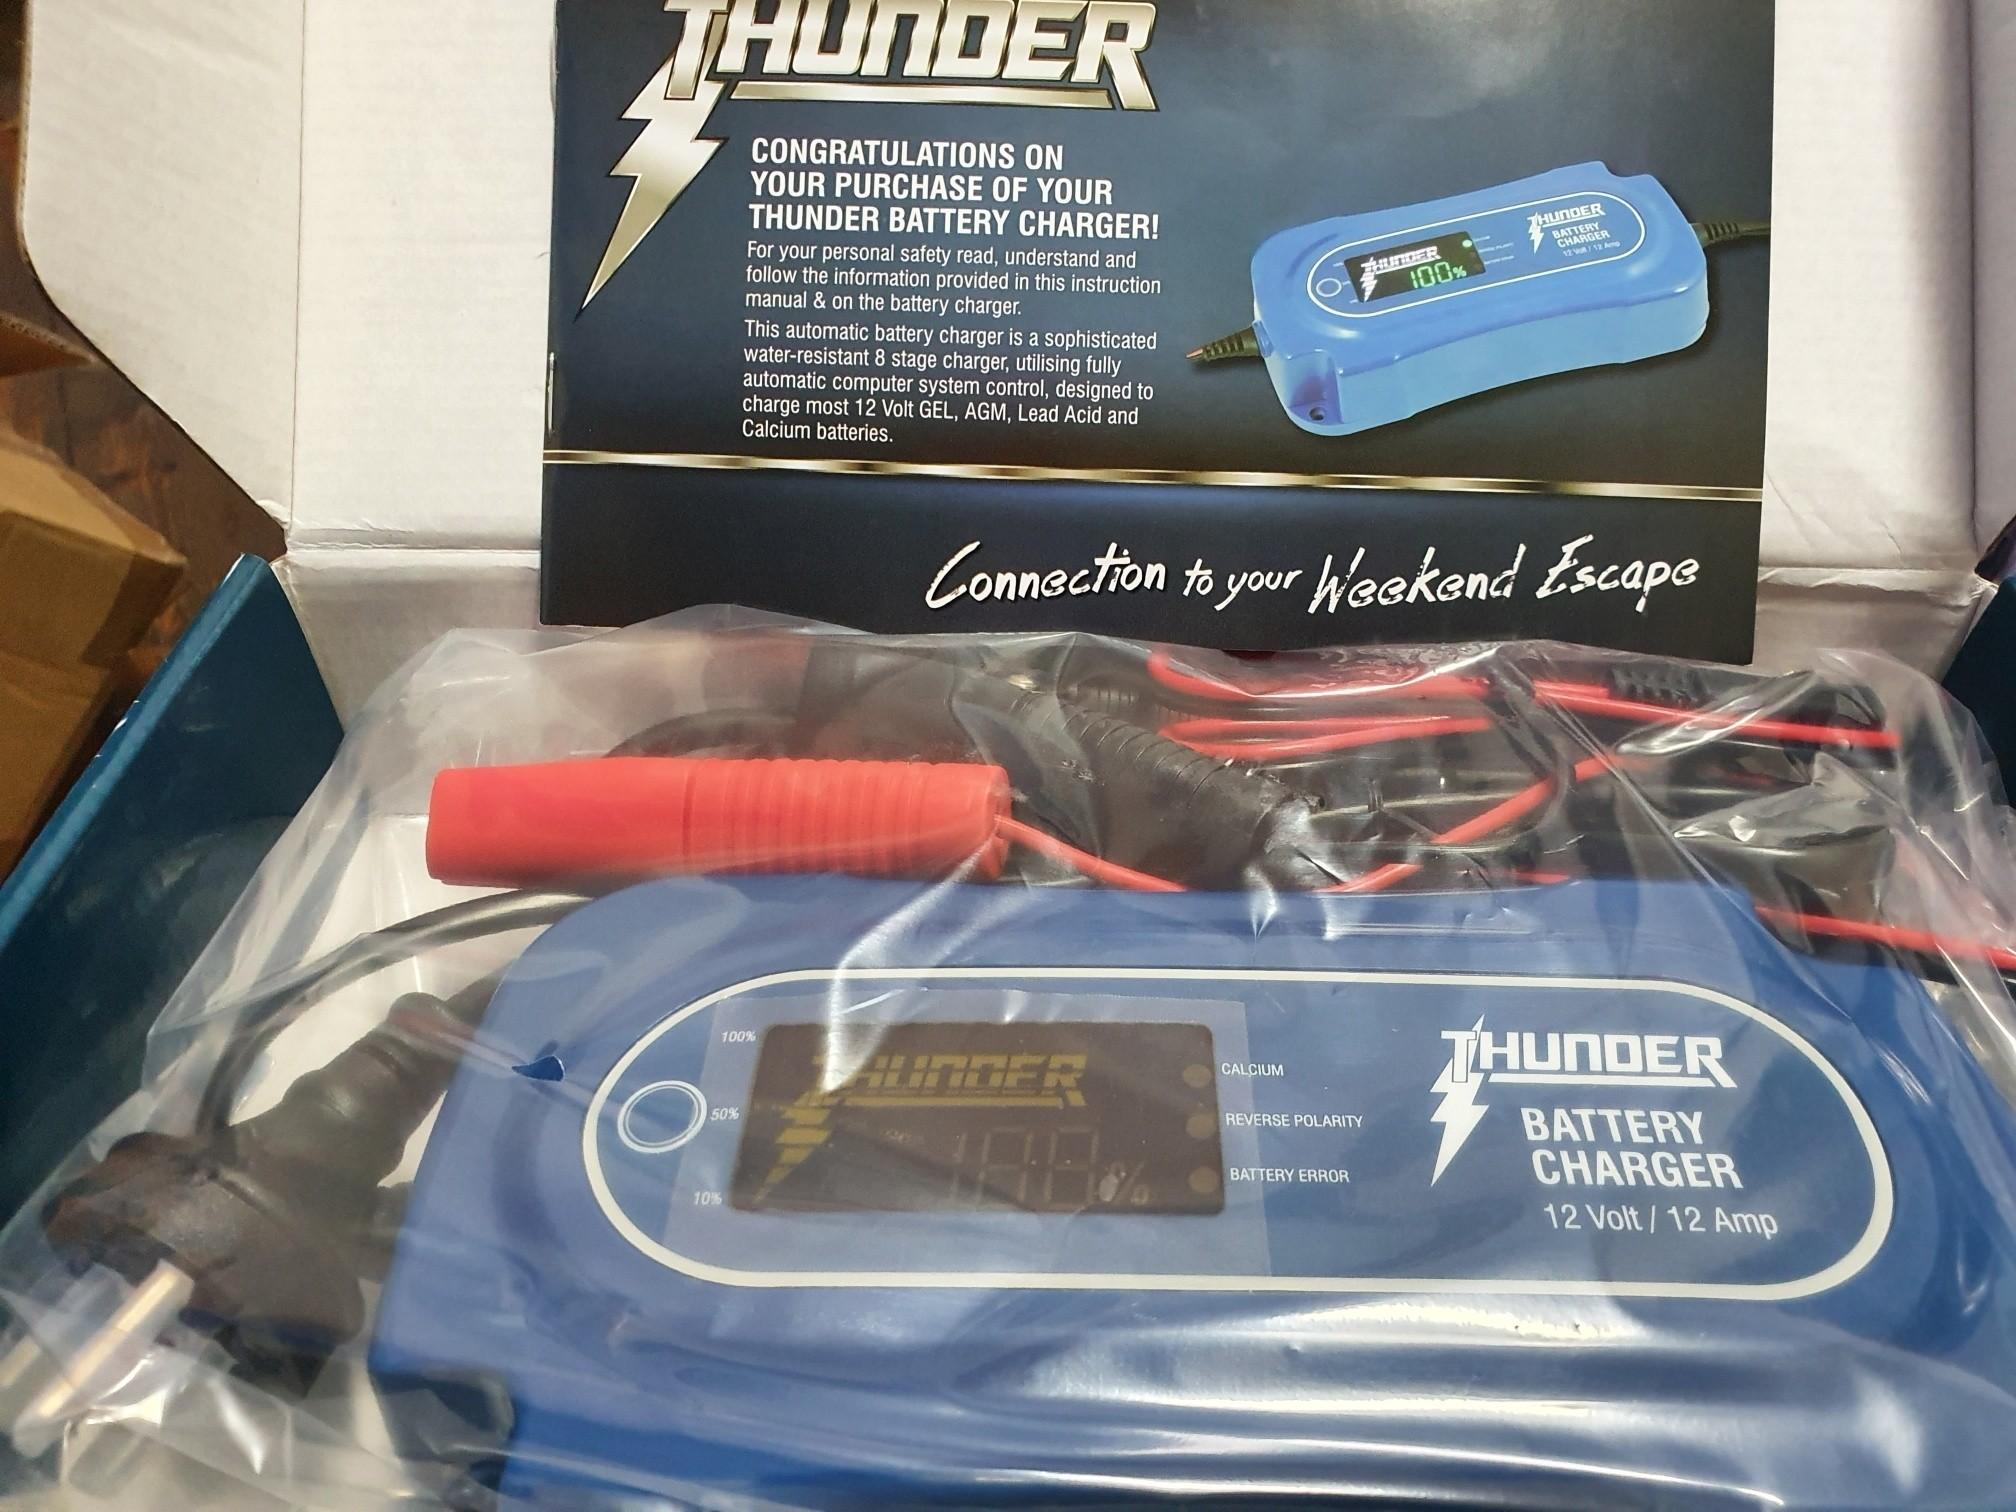 THUNDER 12V 12Amp 8 Stage Battery Charger THUNDER TDR02112 12V 12Amp 8 Stage Battery Charger